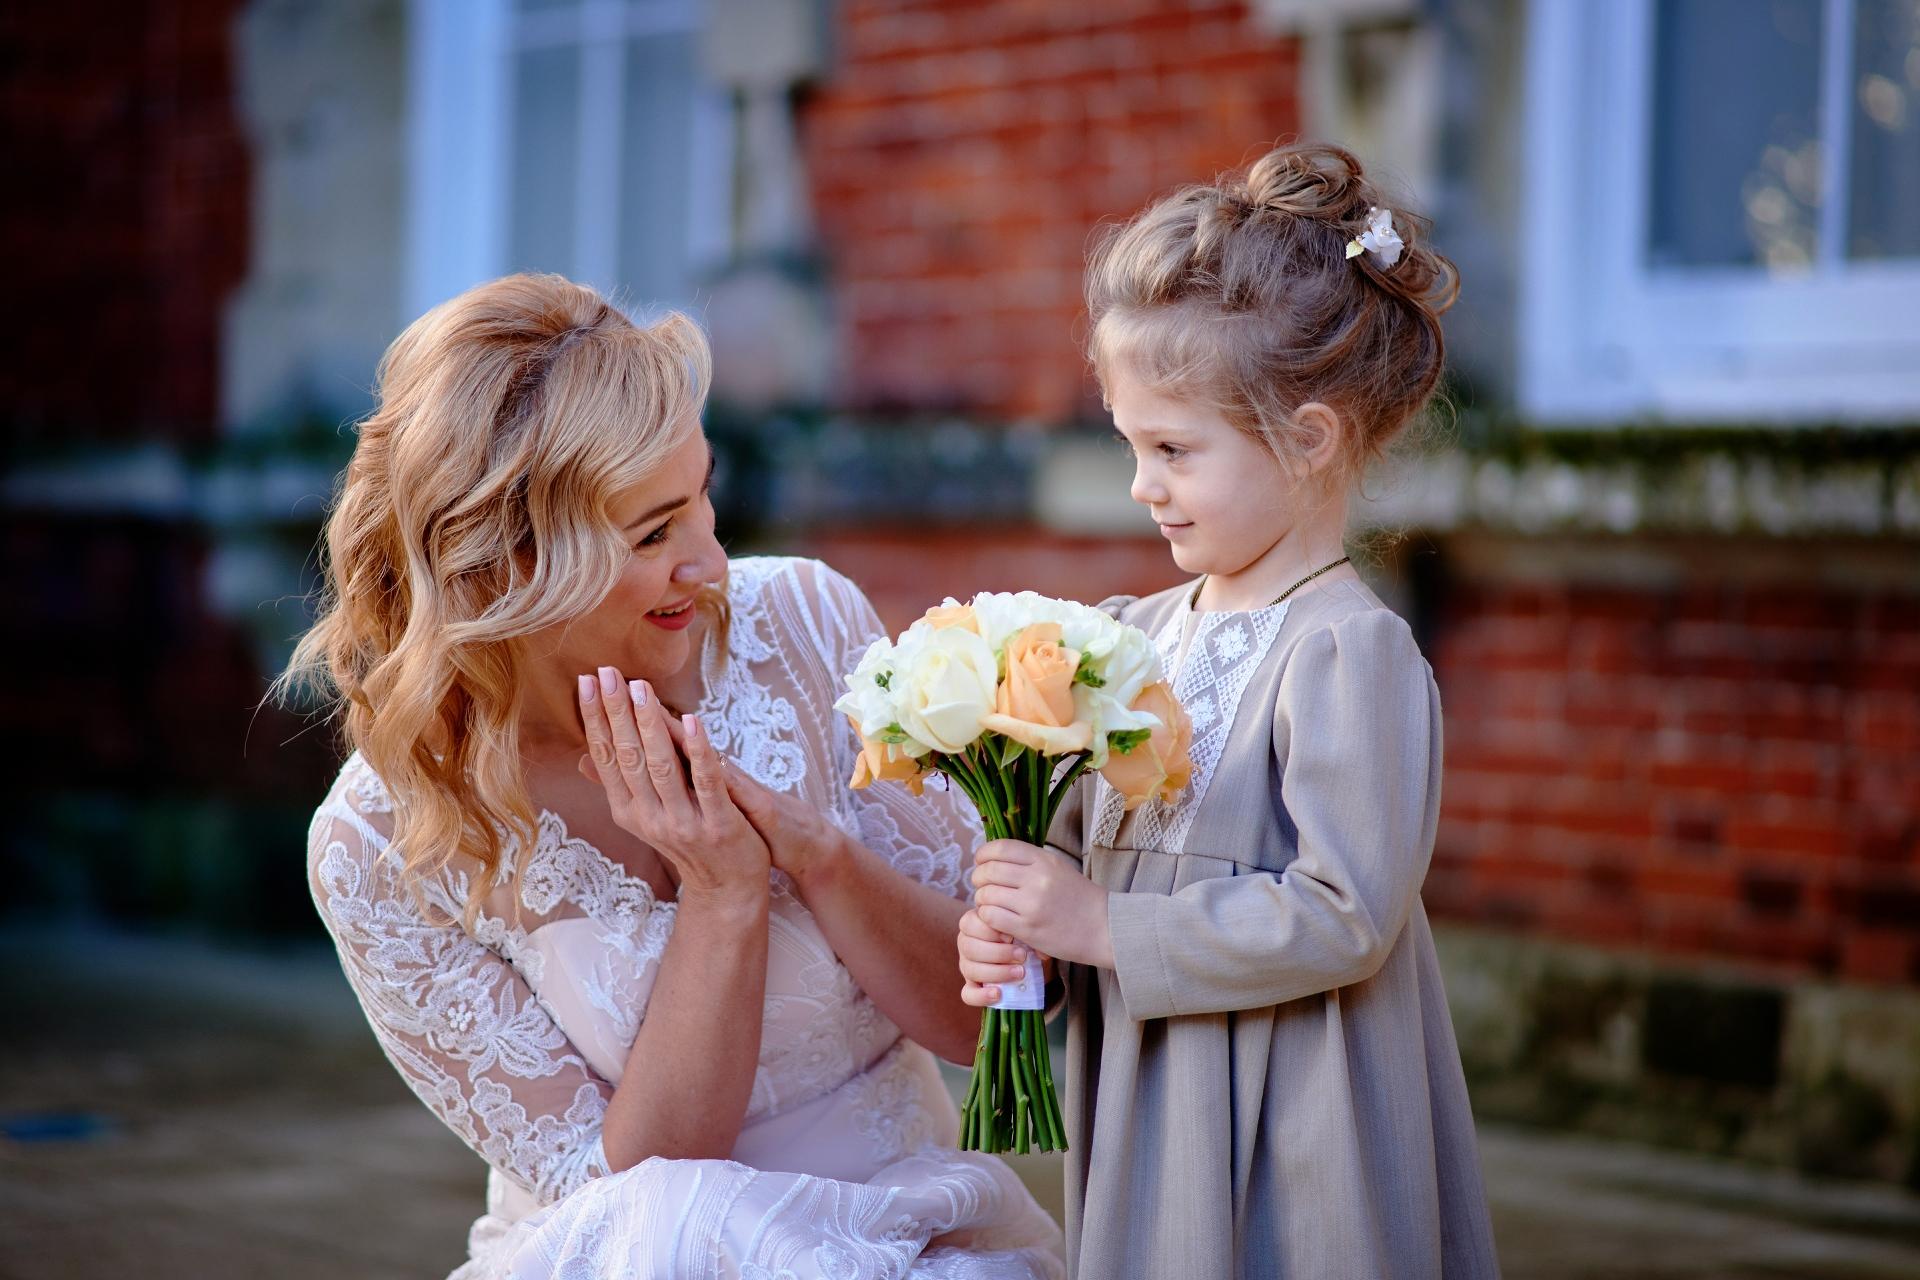 Salisbury schaking fotografie | De dochter van de bruid was erg opgewonden haar moeder te zien